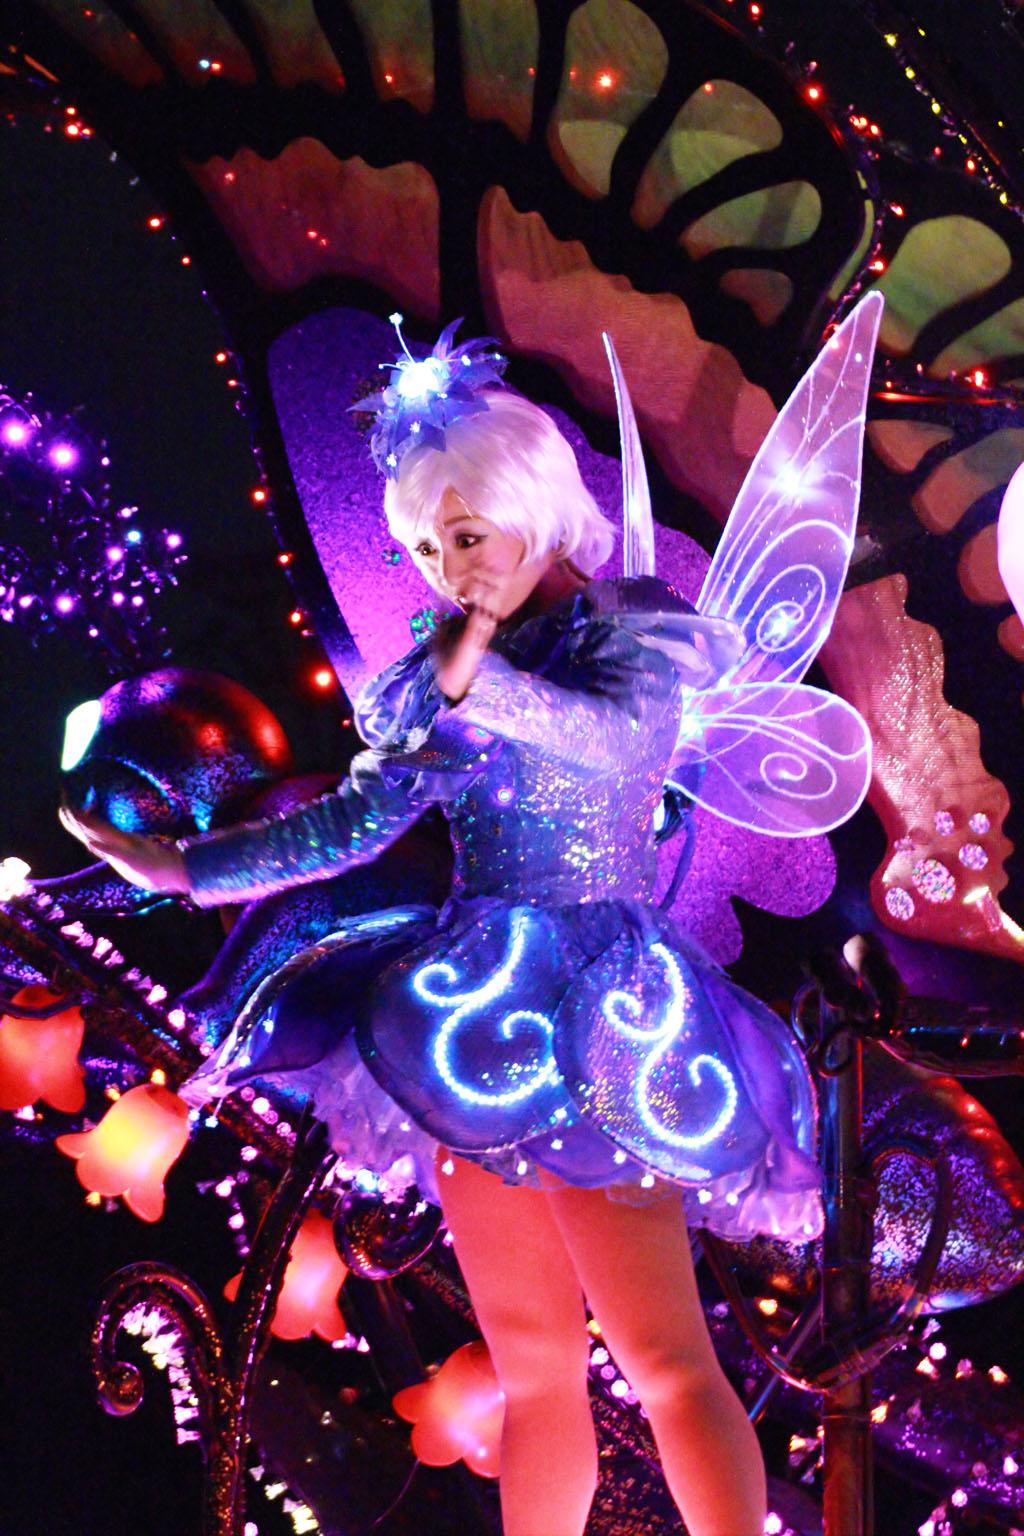 夜のフェアリー(東京ディズニーランド・エレクトリカルパレード・ドリームライツ)